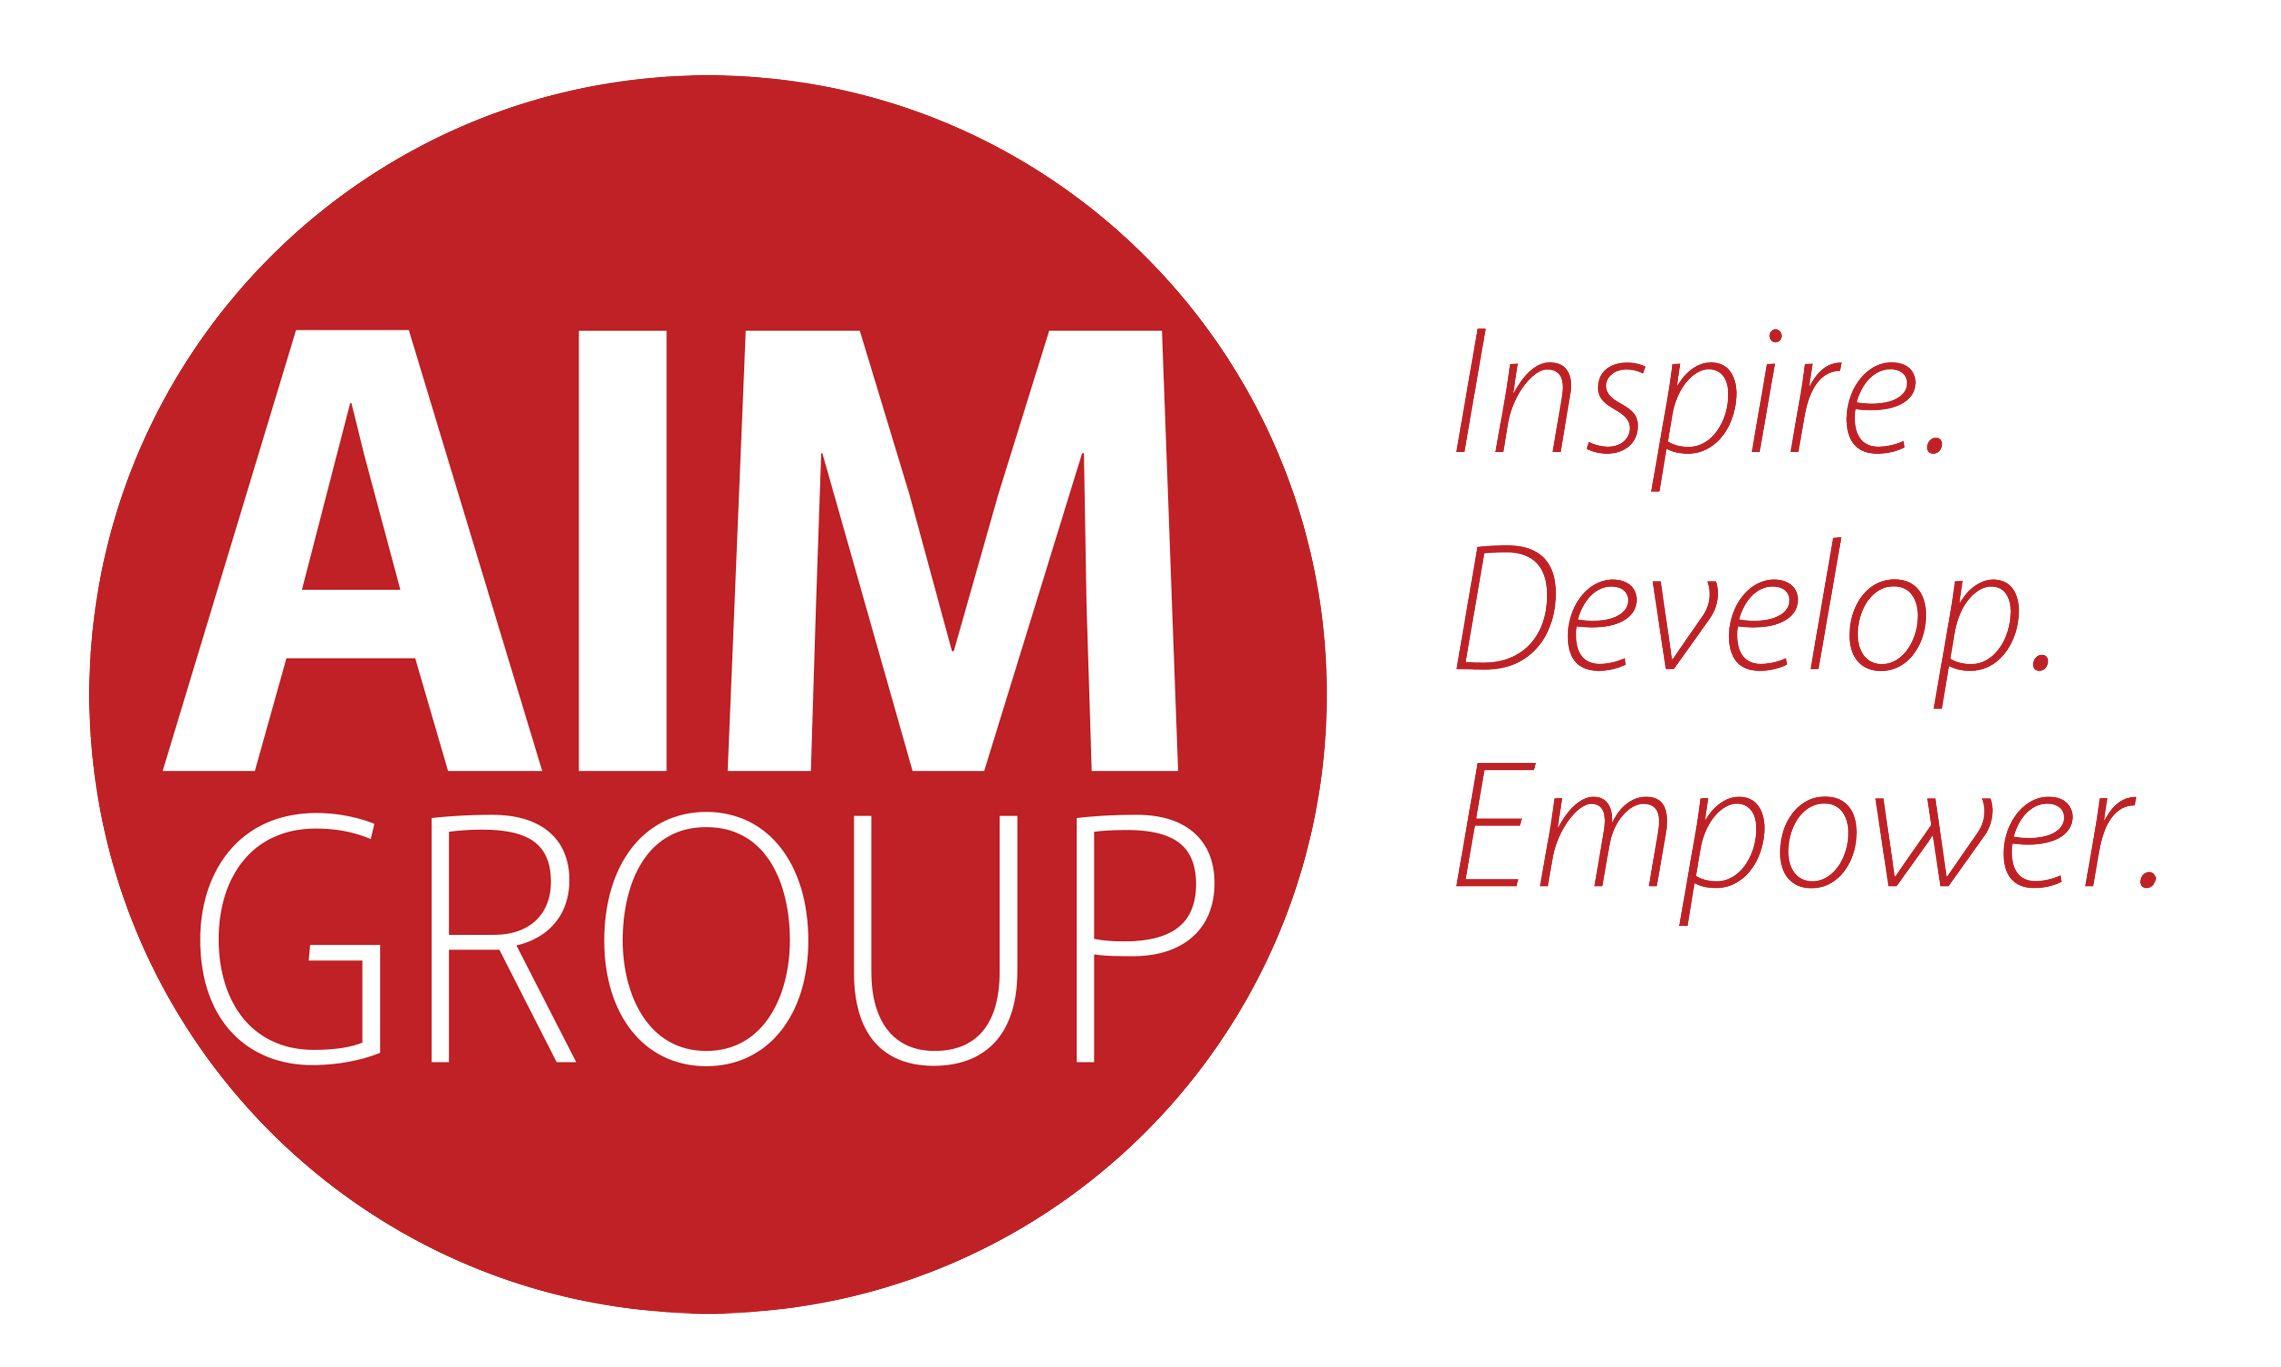 The Aim Group